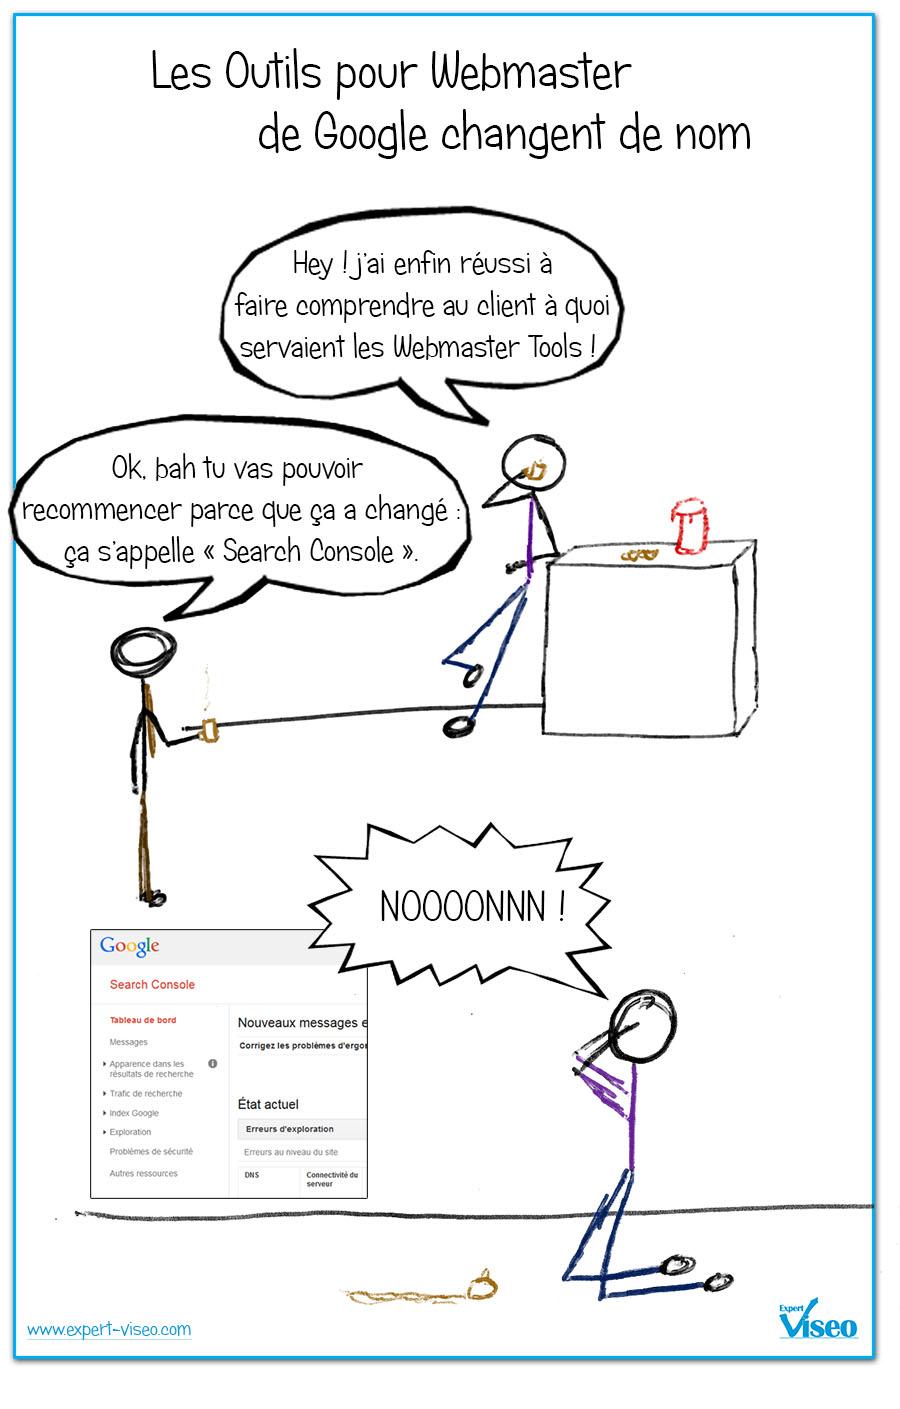 Webmaster Tools remplacé par Search Console